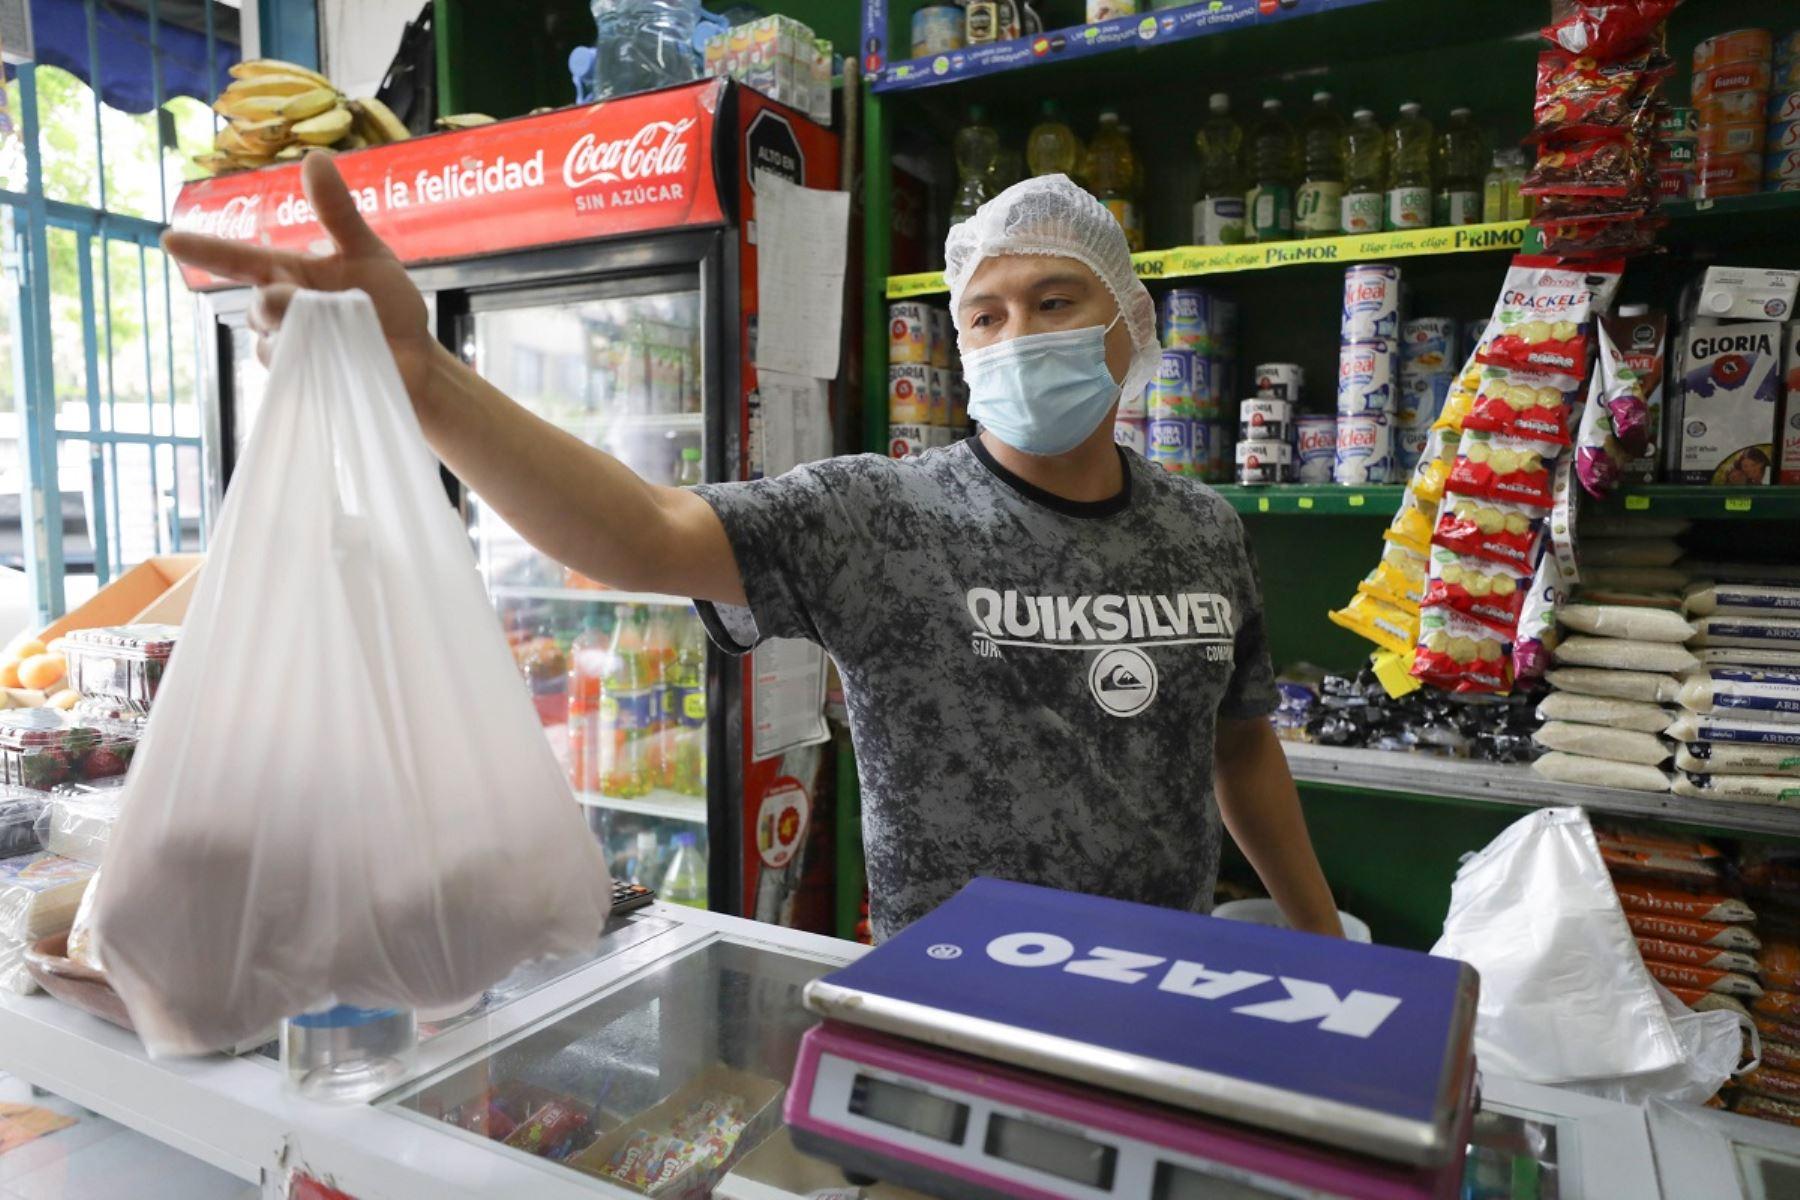 Bodega con protocolos sanitarios. Foto: cortesía.